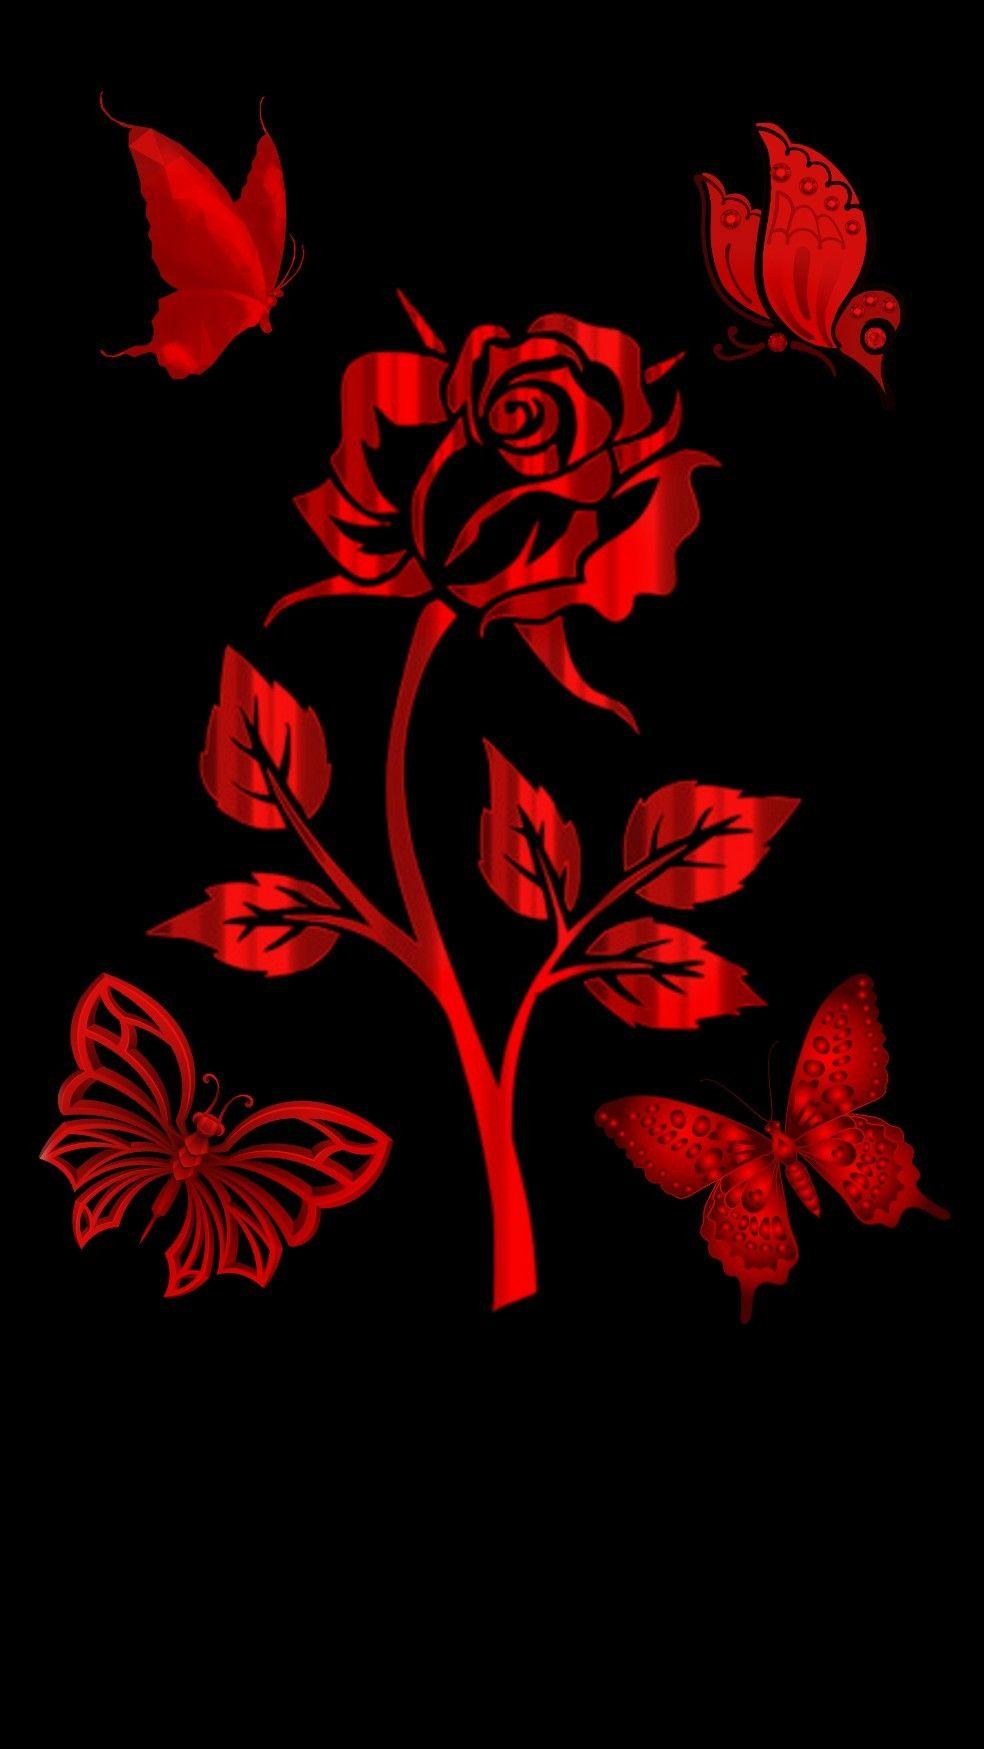 Red Wallpaper Red Wallpaper Butterfly Wallpaper Iphone Phone Wallpaper